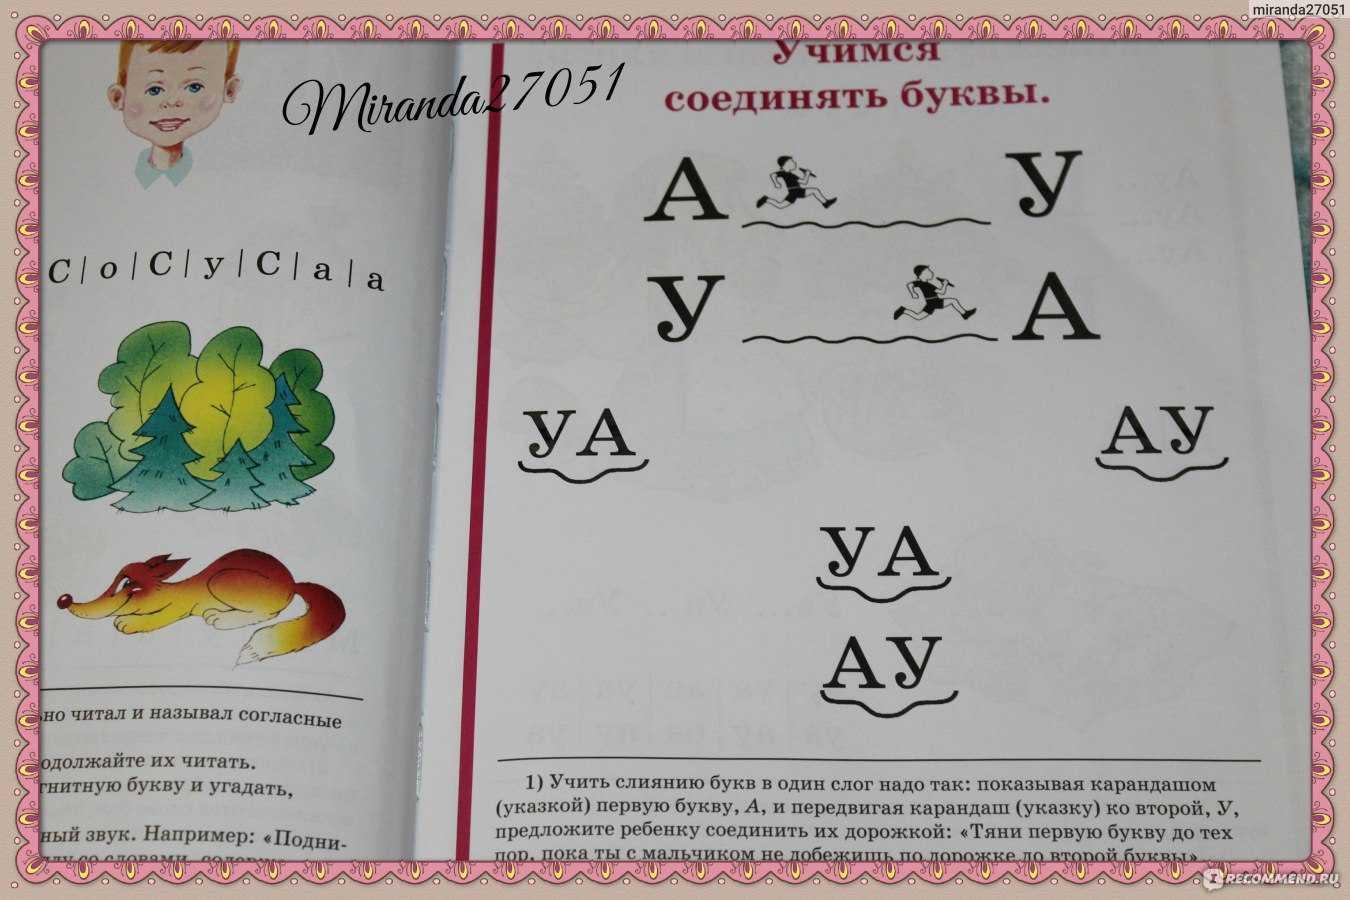 Обучение чтению по жуковой: методика и программа по дошкольников, книги для детей